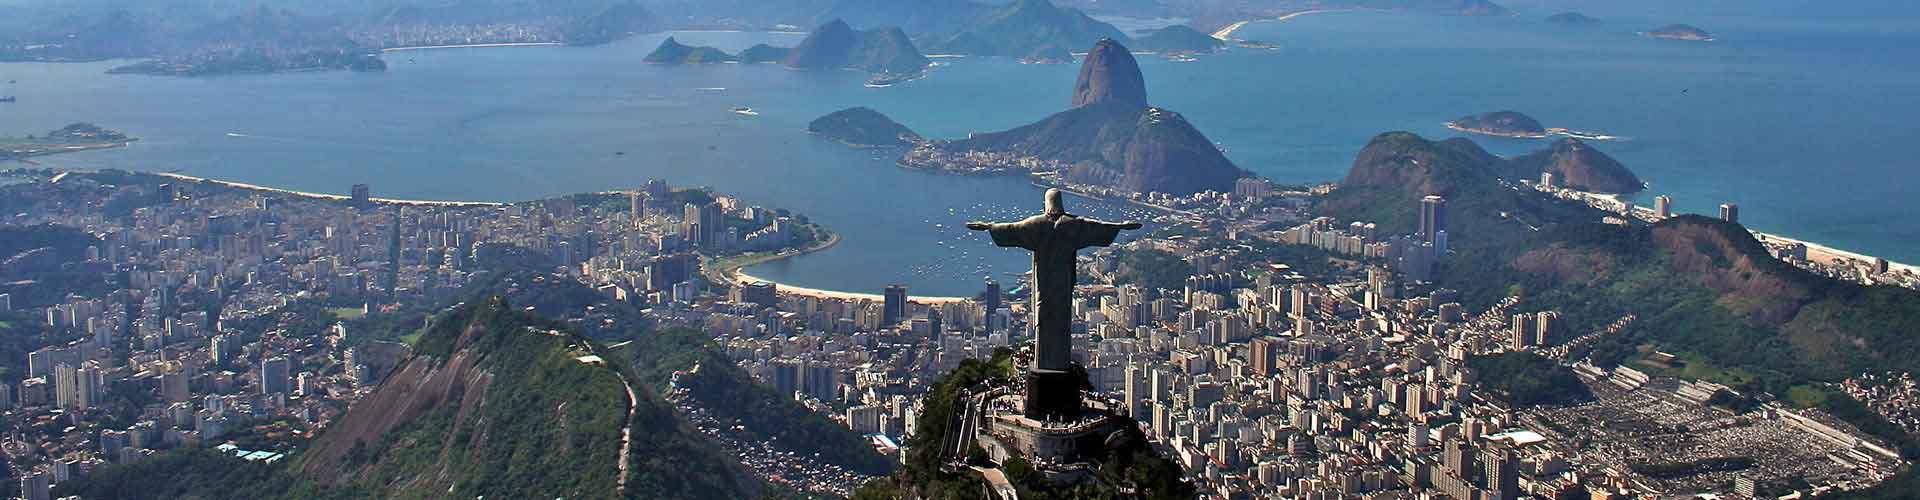 Rio de Janeiro – Albergues próximos a Aeroporto Santos Dumont. Mapas para Rio de Janeiro, Fotos e Avaliações para cada Albergue em Rio de Janeiro.